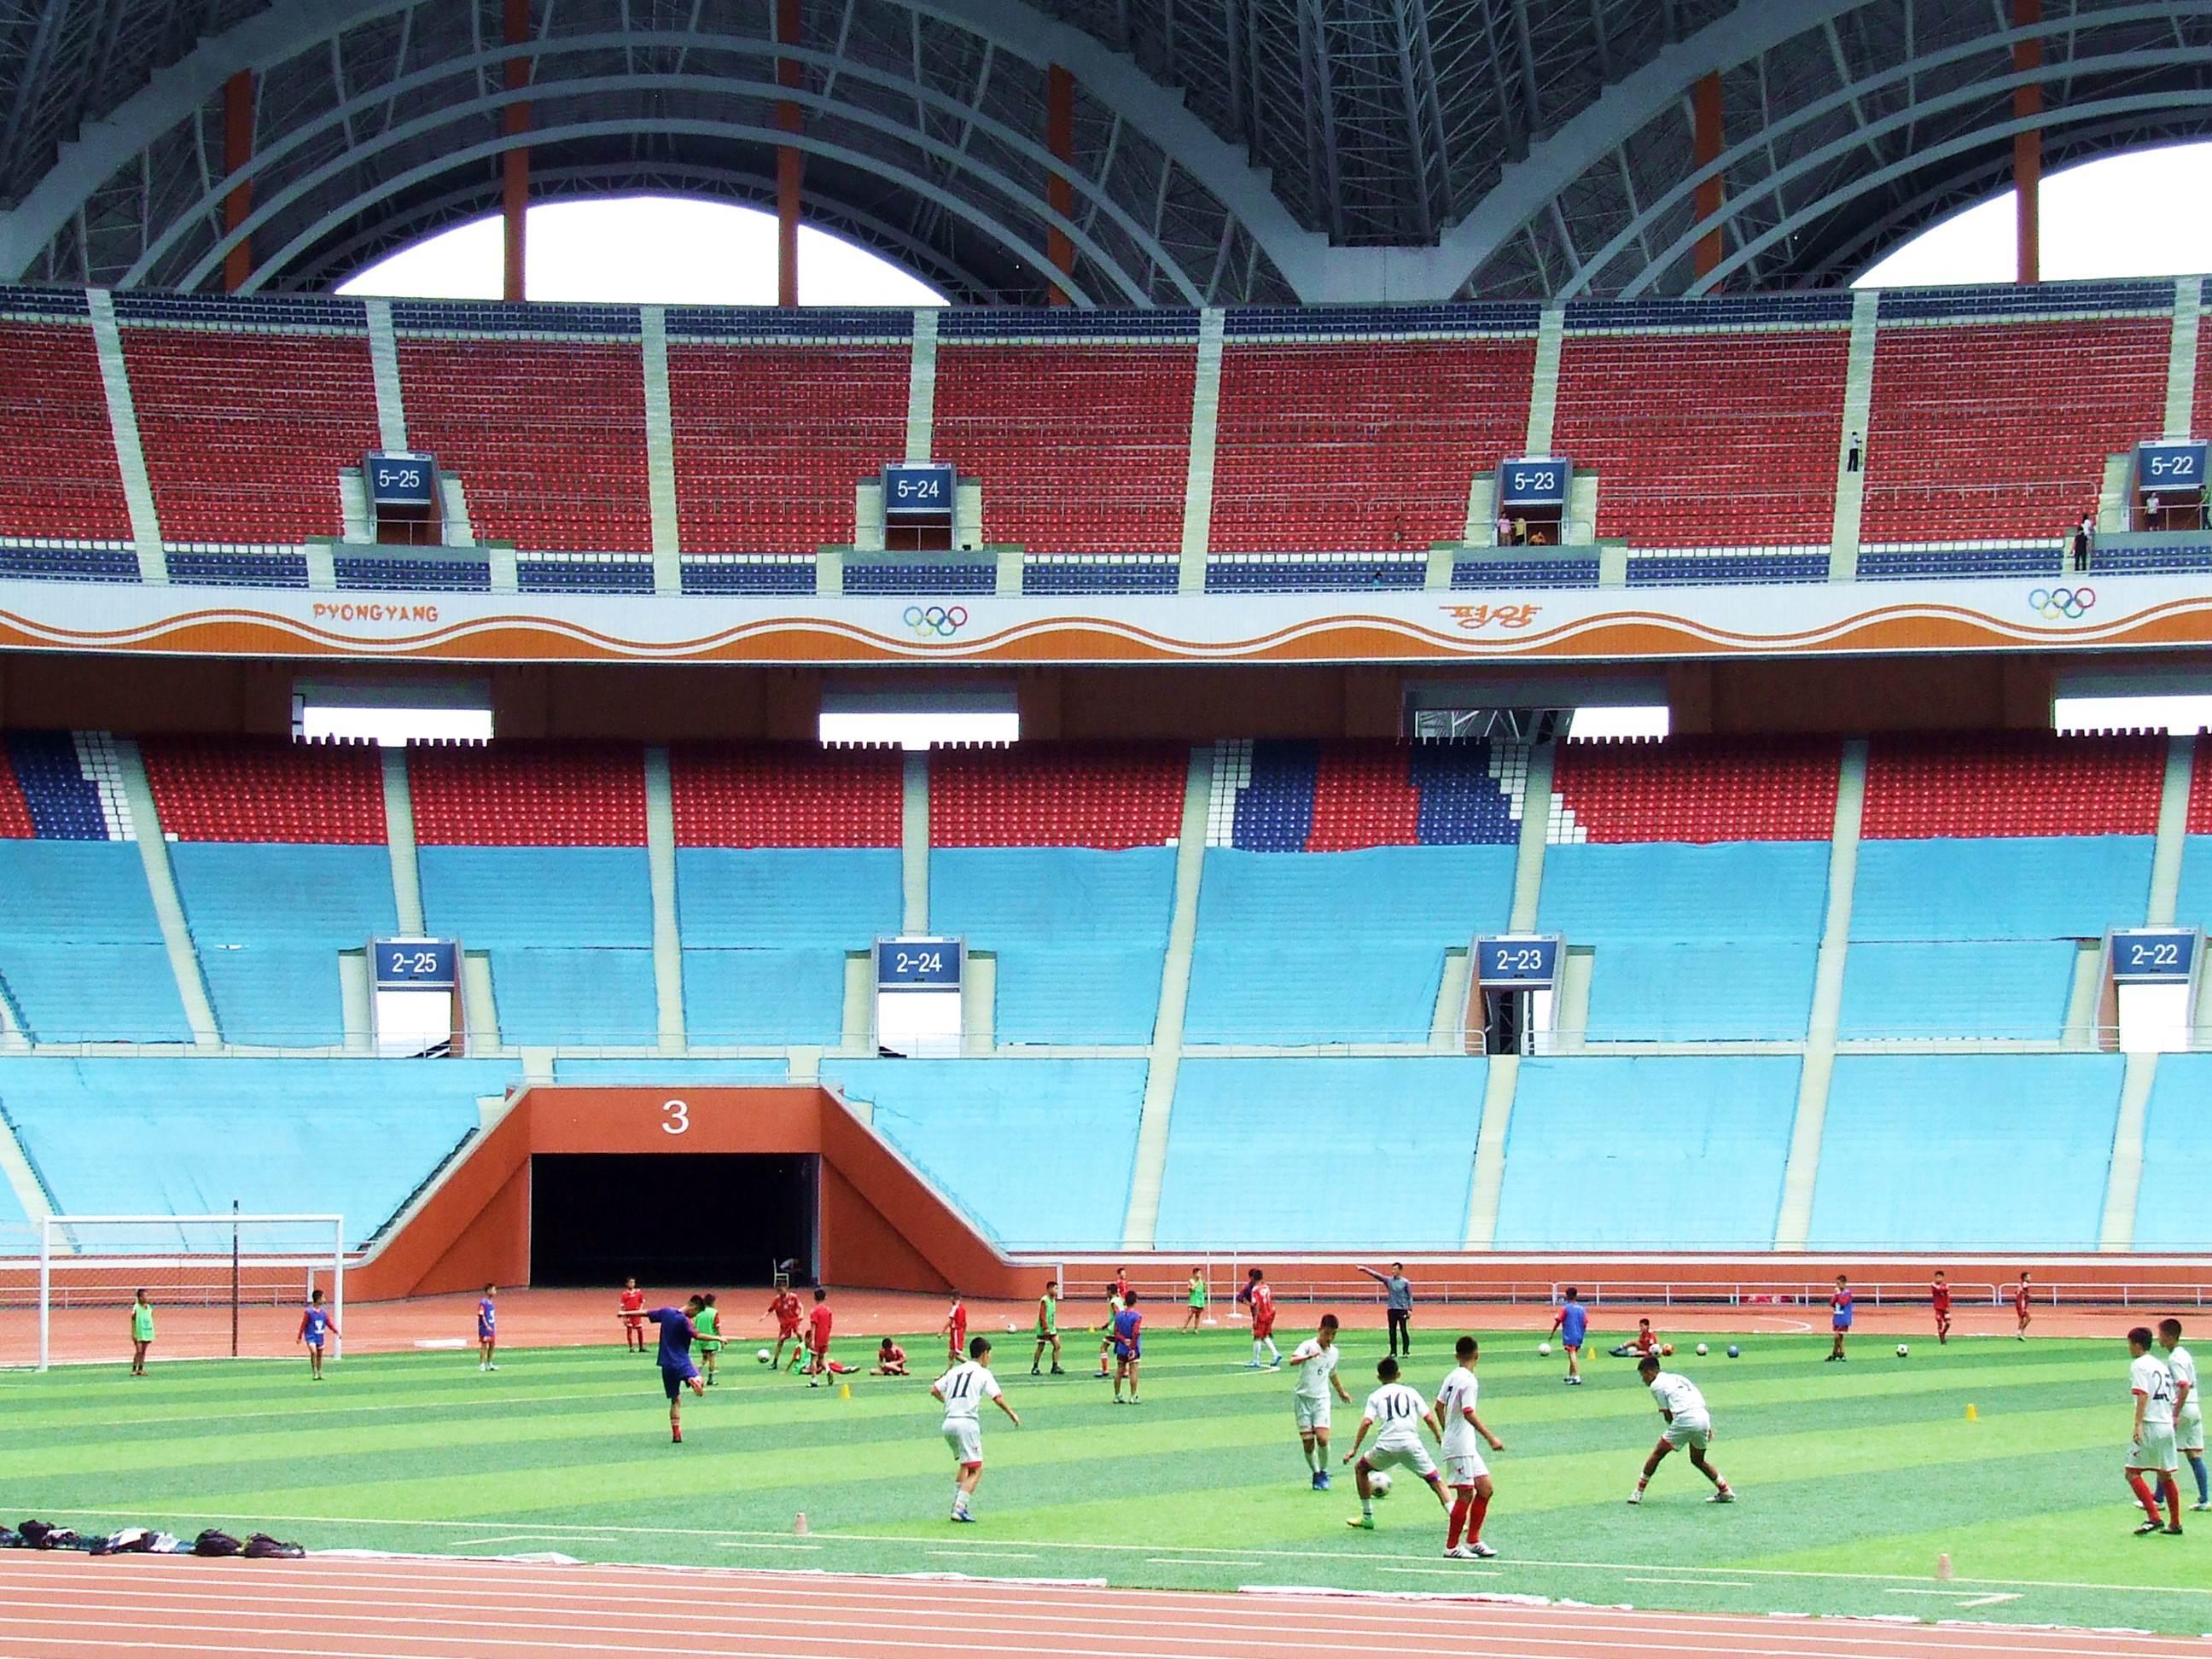 Trening na stadionie w Korei Północnej